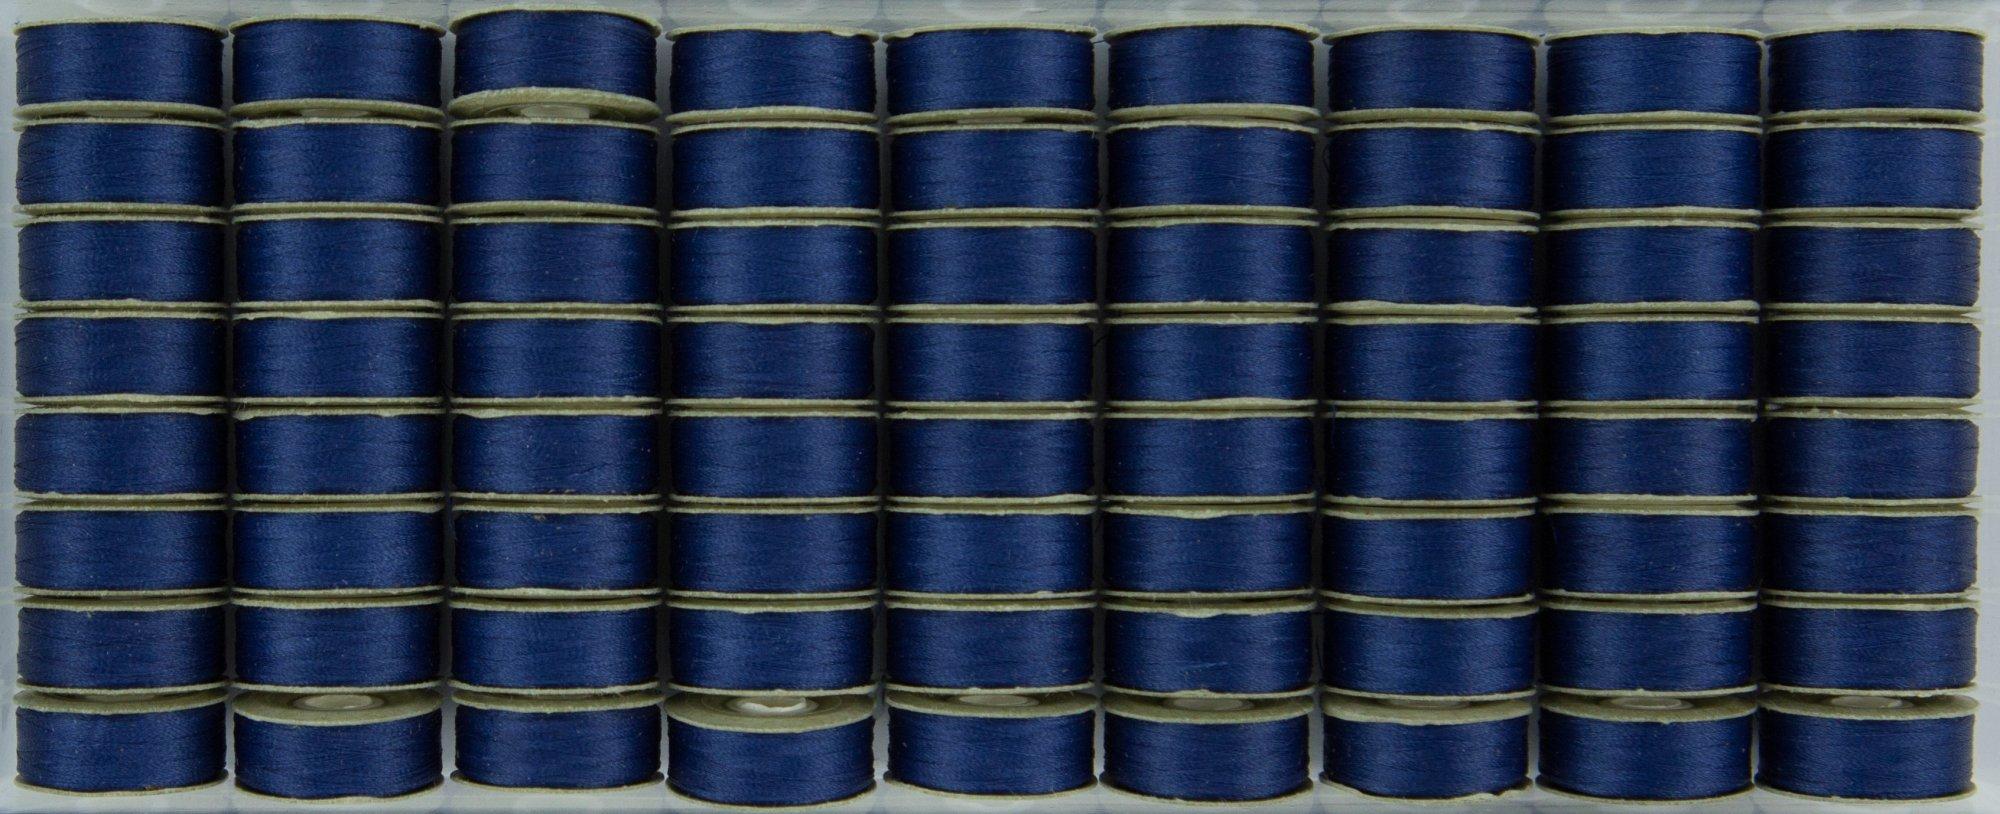 Bobbin L Style Prewound SuperBobs Medium Blue 72ct